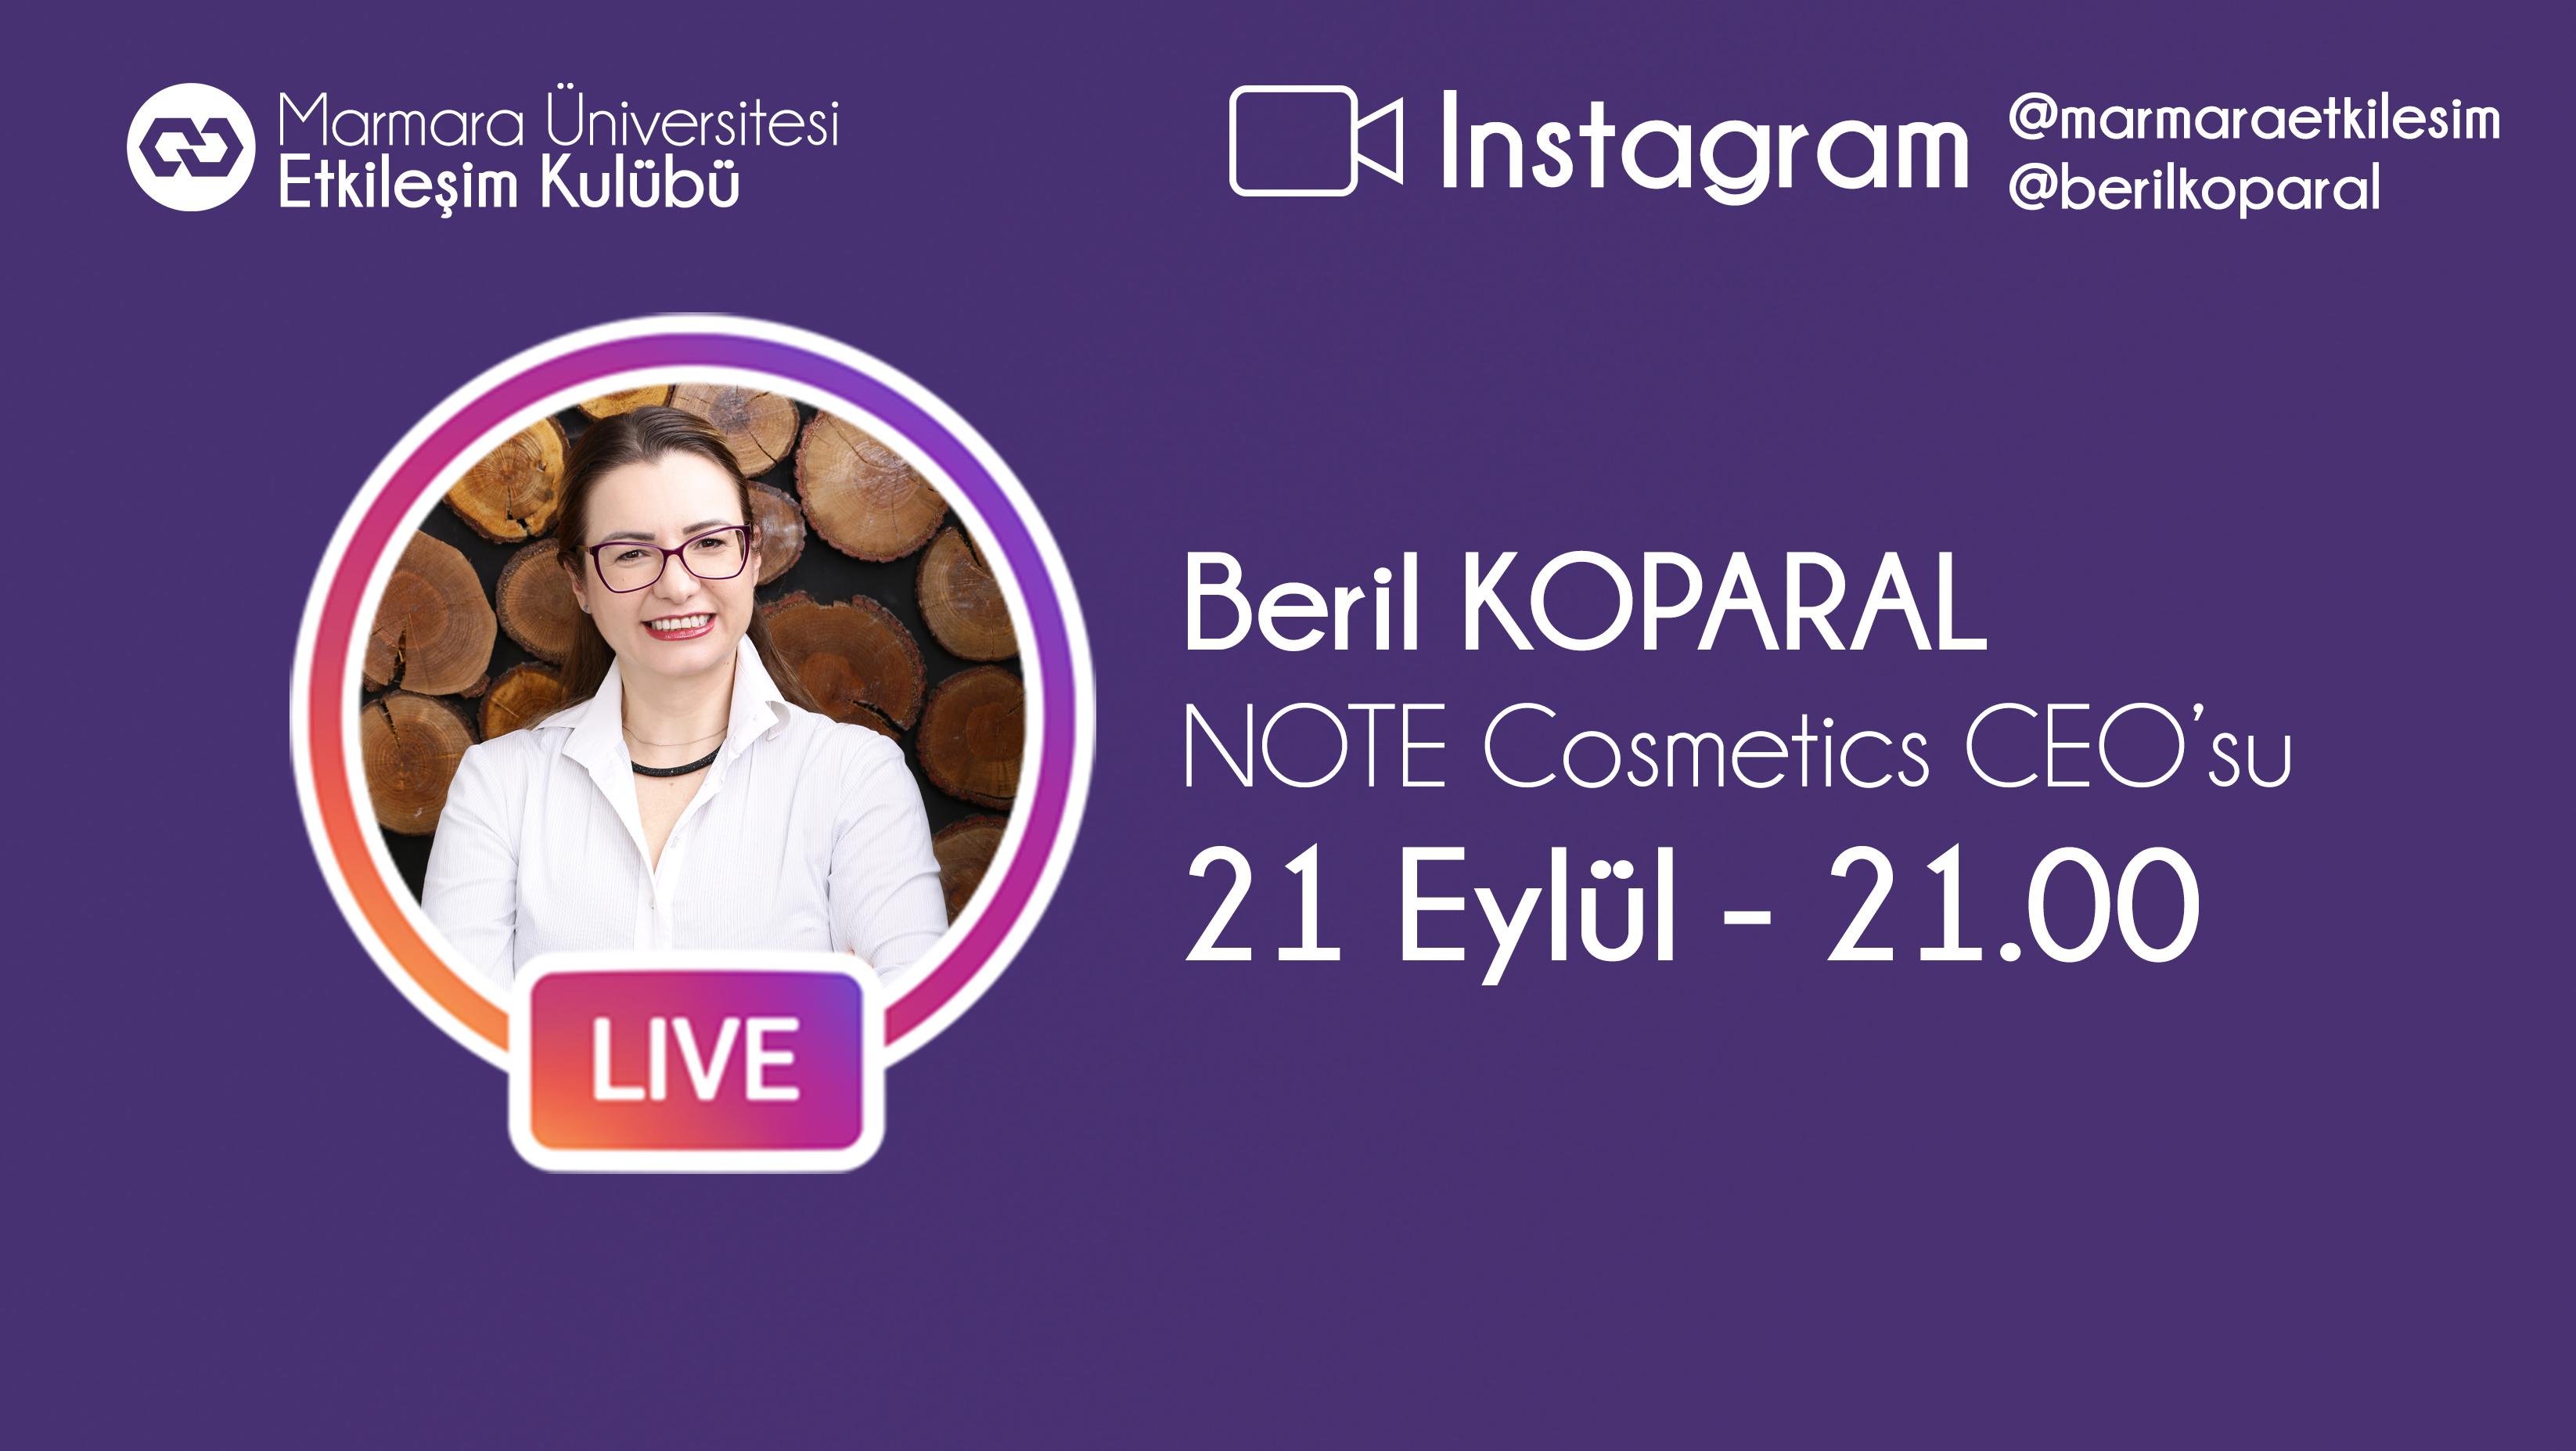 Öğrenci Kariyeri - En popüler - Marmara Üniversitesi Etkileşim Kulübü Note Cosmetics CEO'su Beril KOPARAL ile Canlı Yayında Bir Araya Geliyor